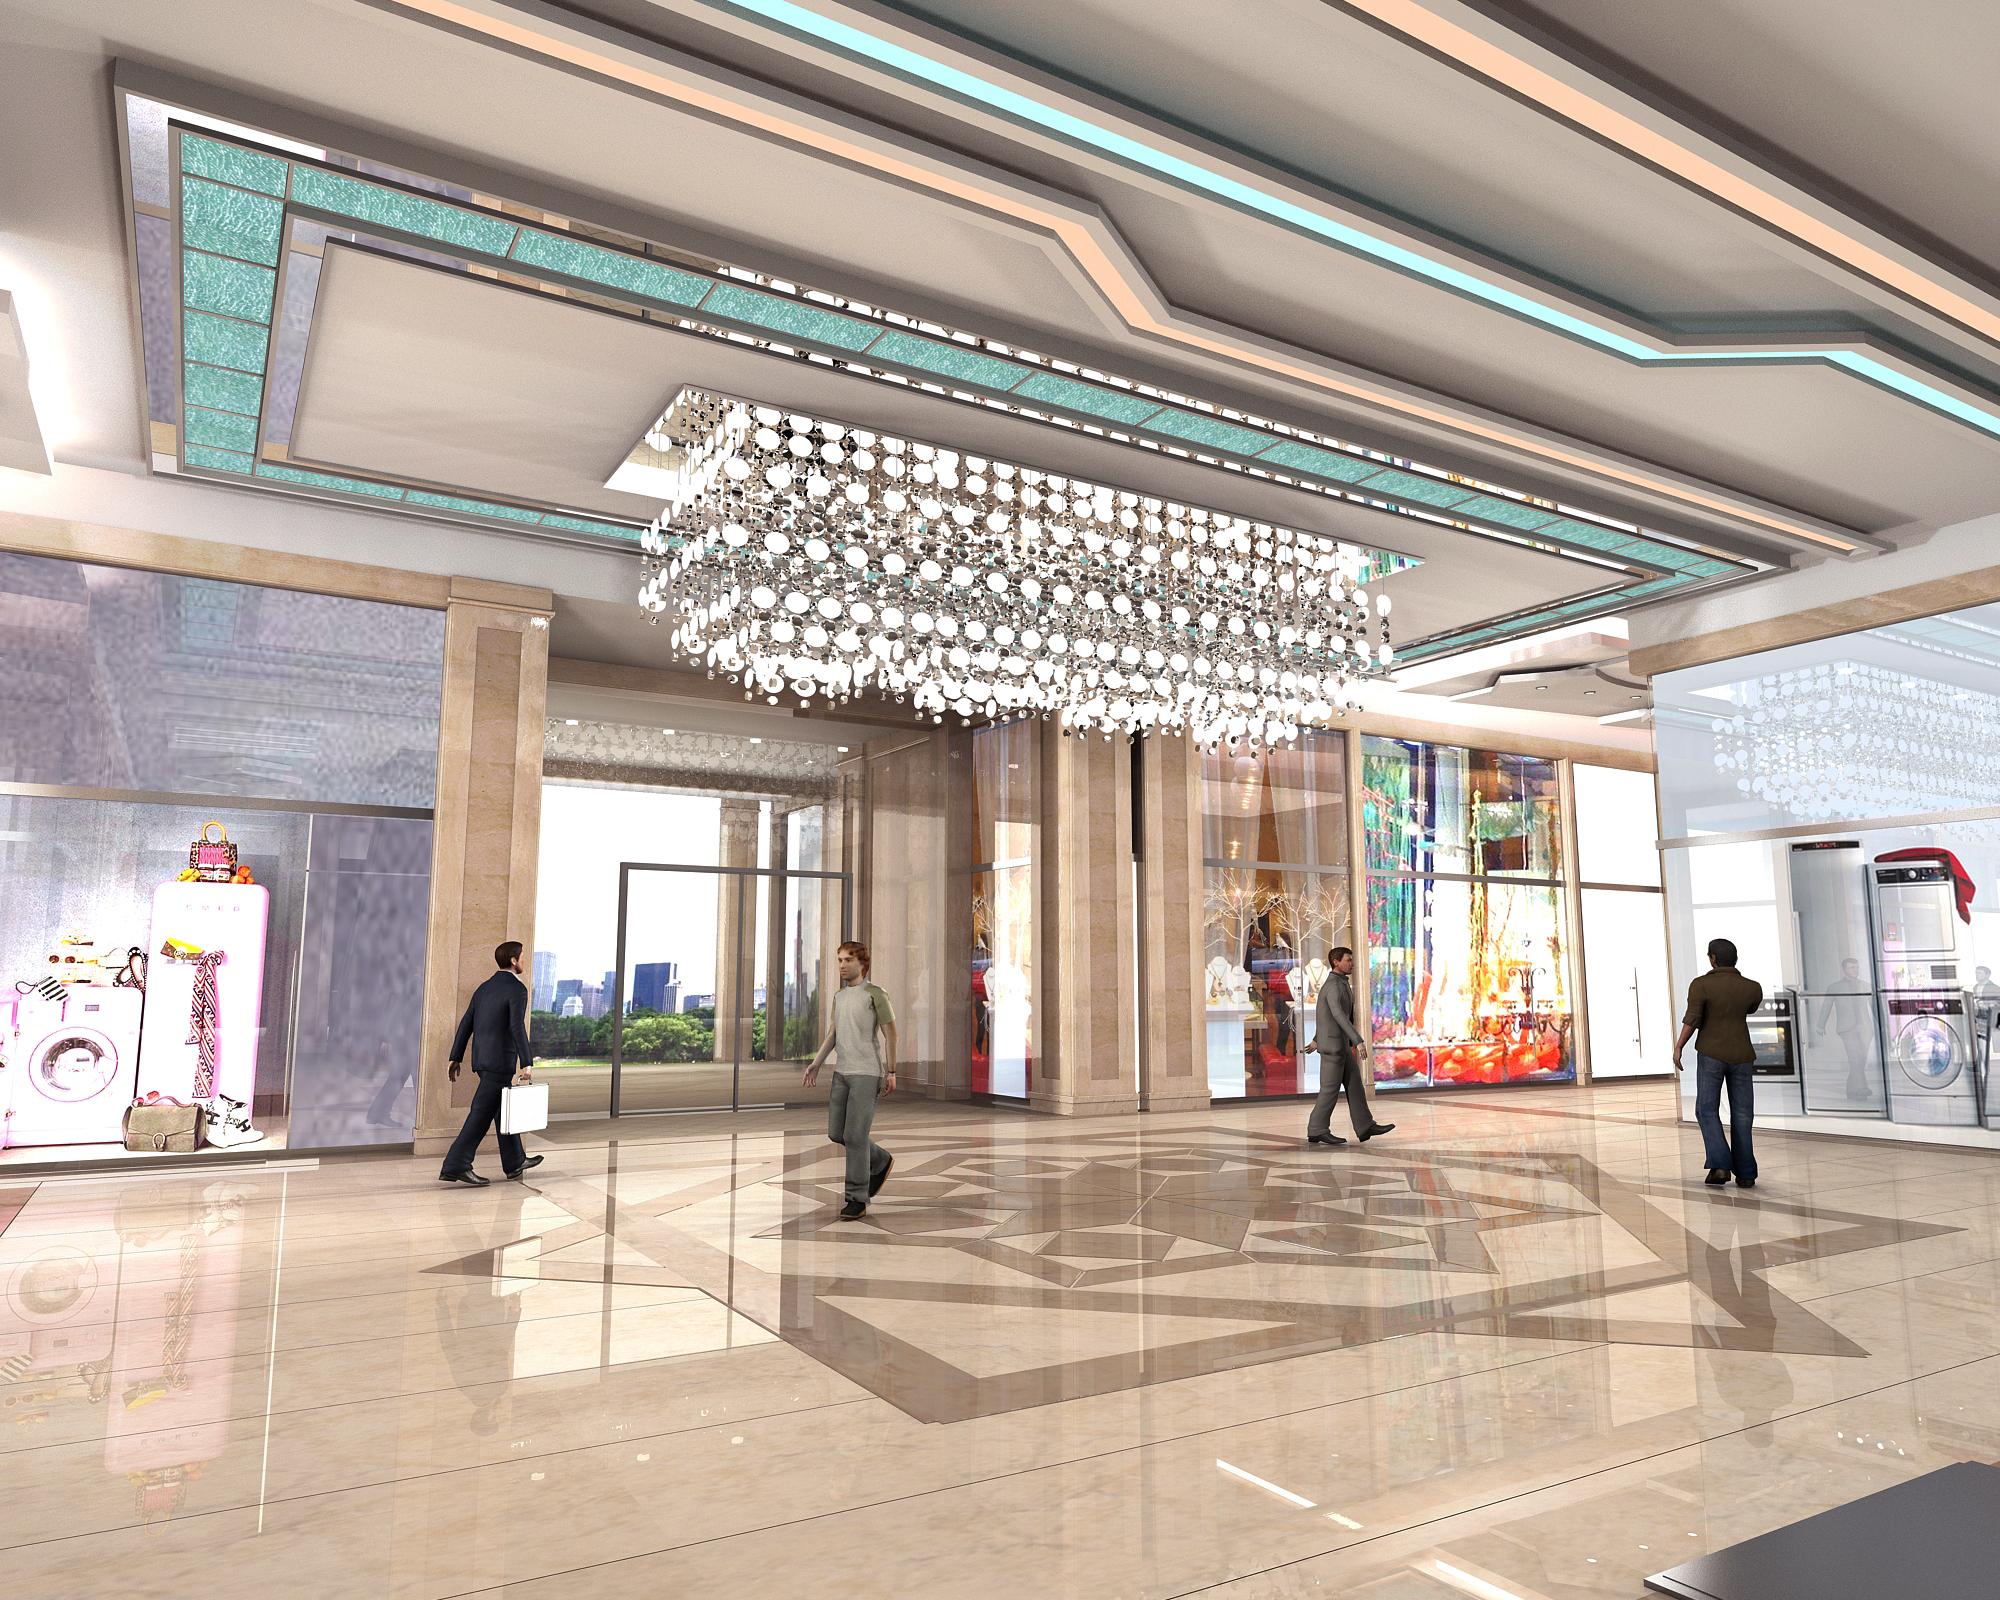 مرکز خرید بزرگ آفتاب در مشهد